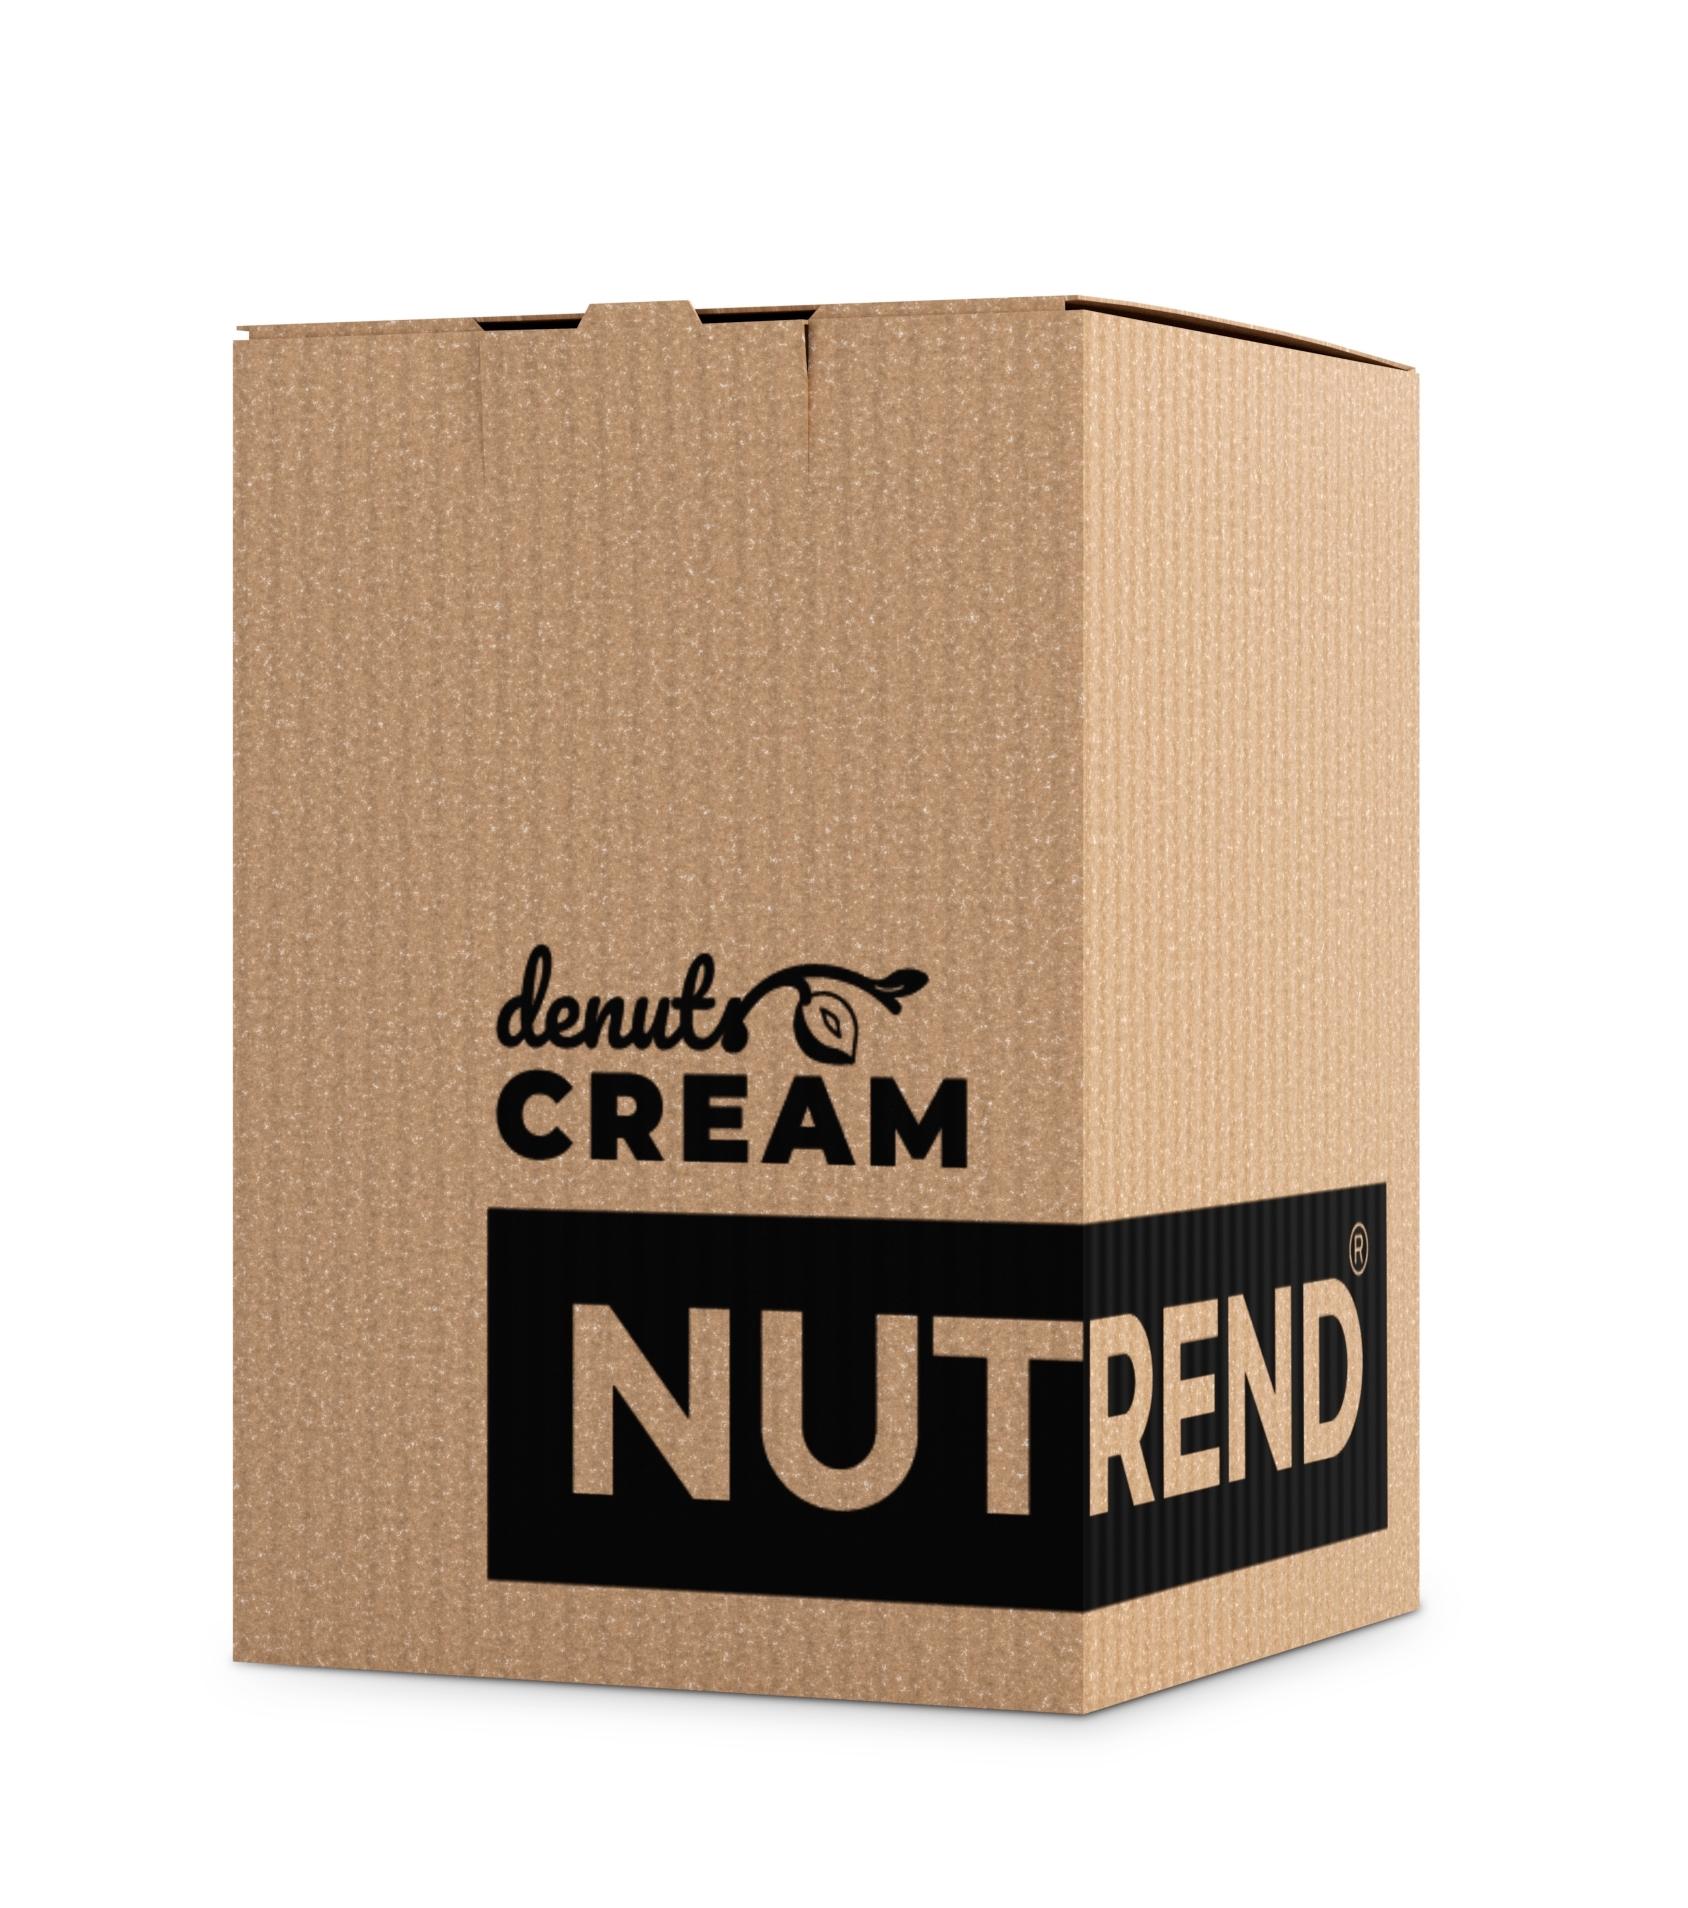 DENUTS CREAM 250 g, white brownie